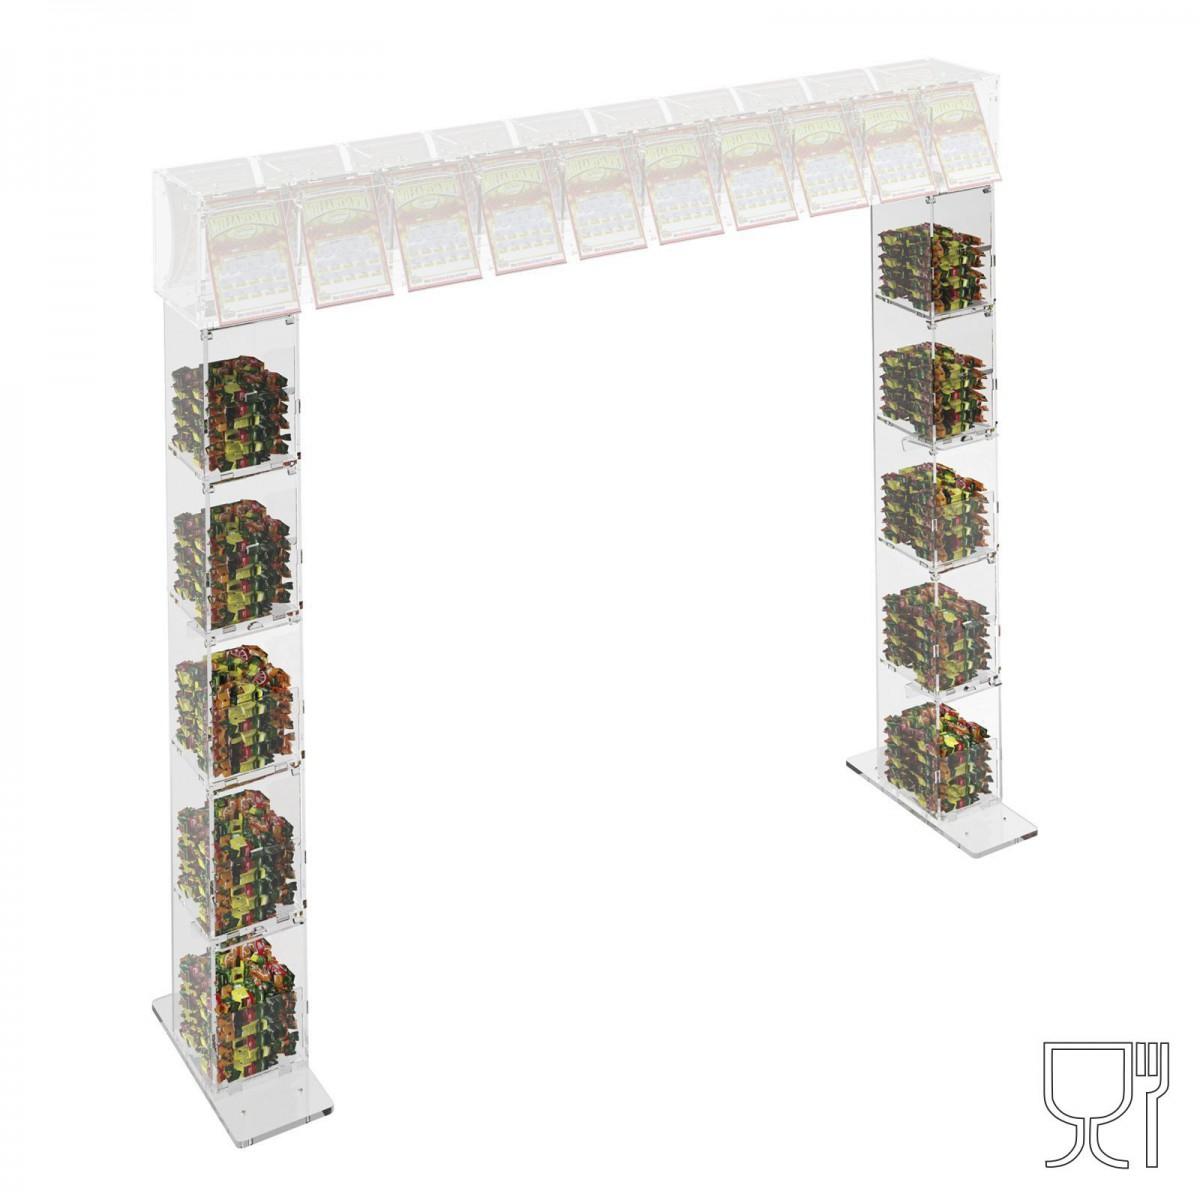 Piede per struttura a ponte da banco gratta e vinci in plexiglass trasparente a 5 contenitori CON SP